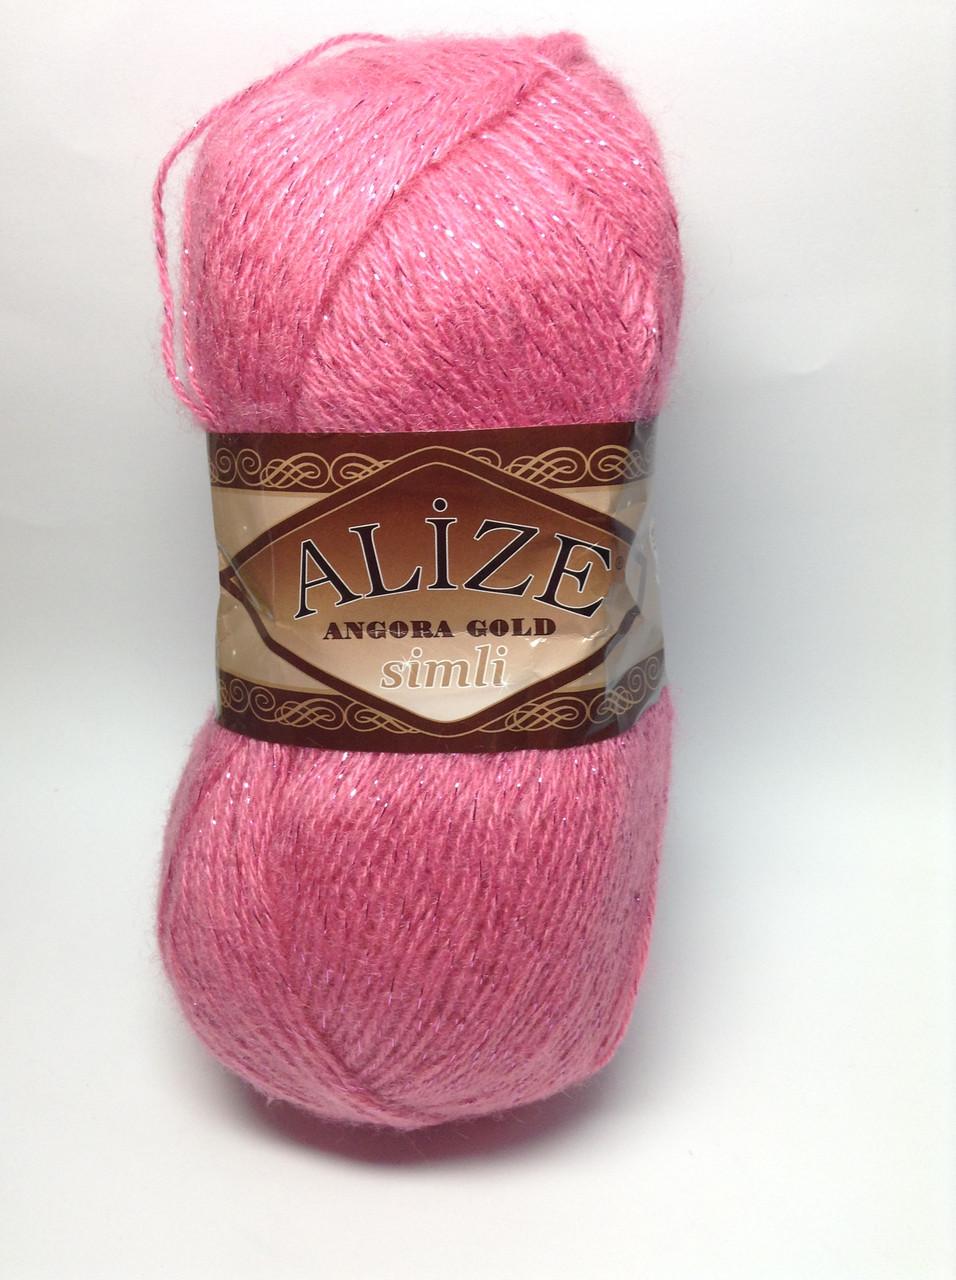 Пряжа angora gold simli - колір темно-рожевий